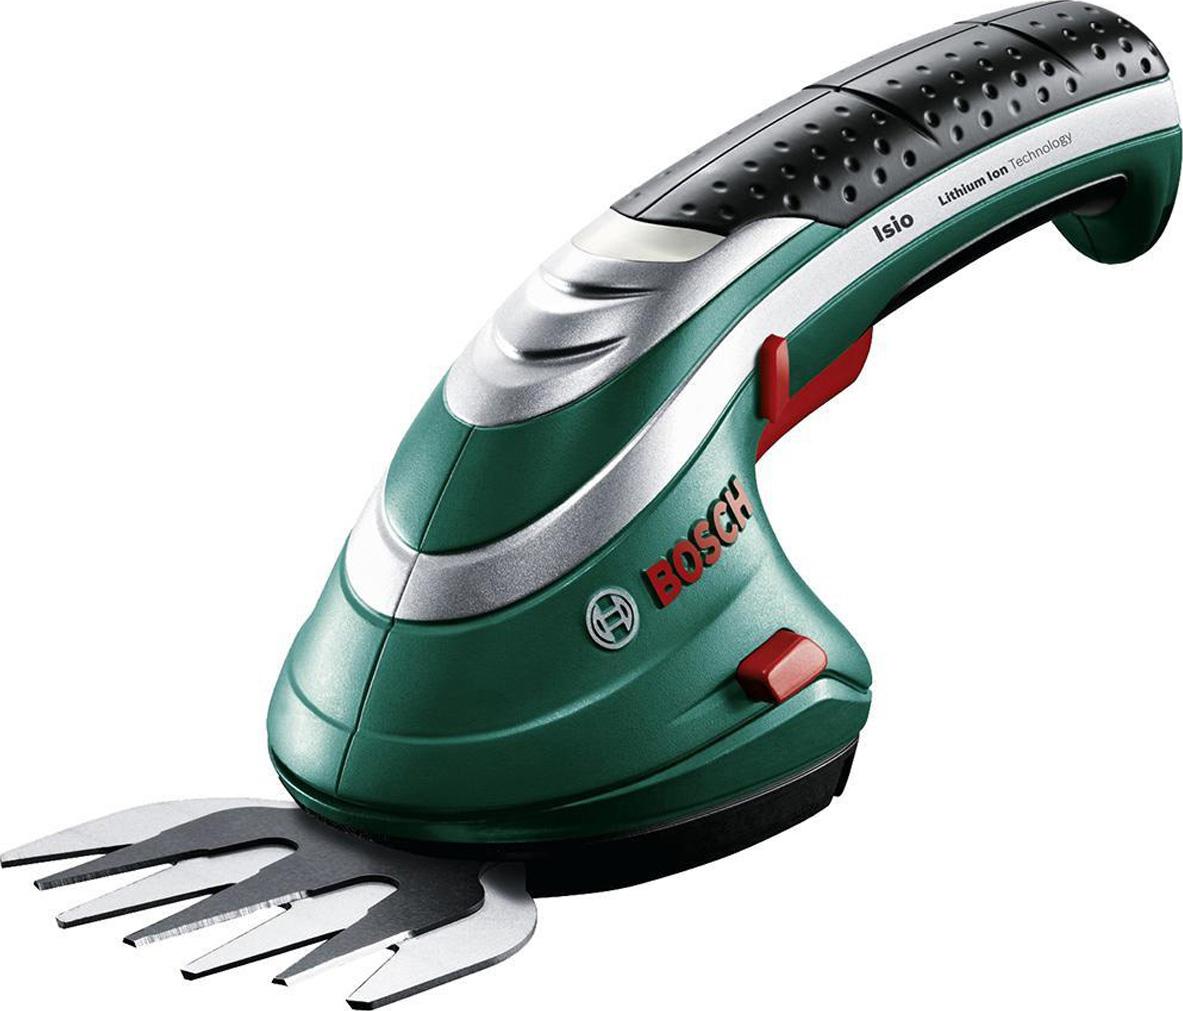 цена на Аккумуляторные ножницы для травы Bosch ISIO 3+ чехол 0600833102